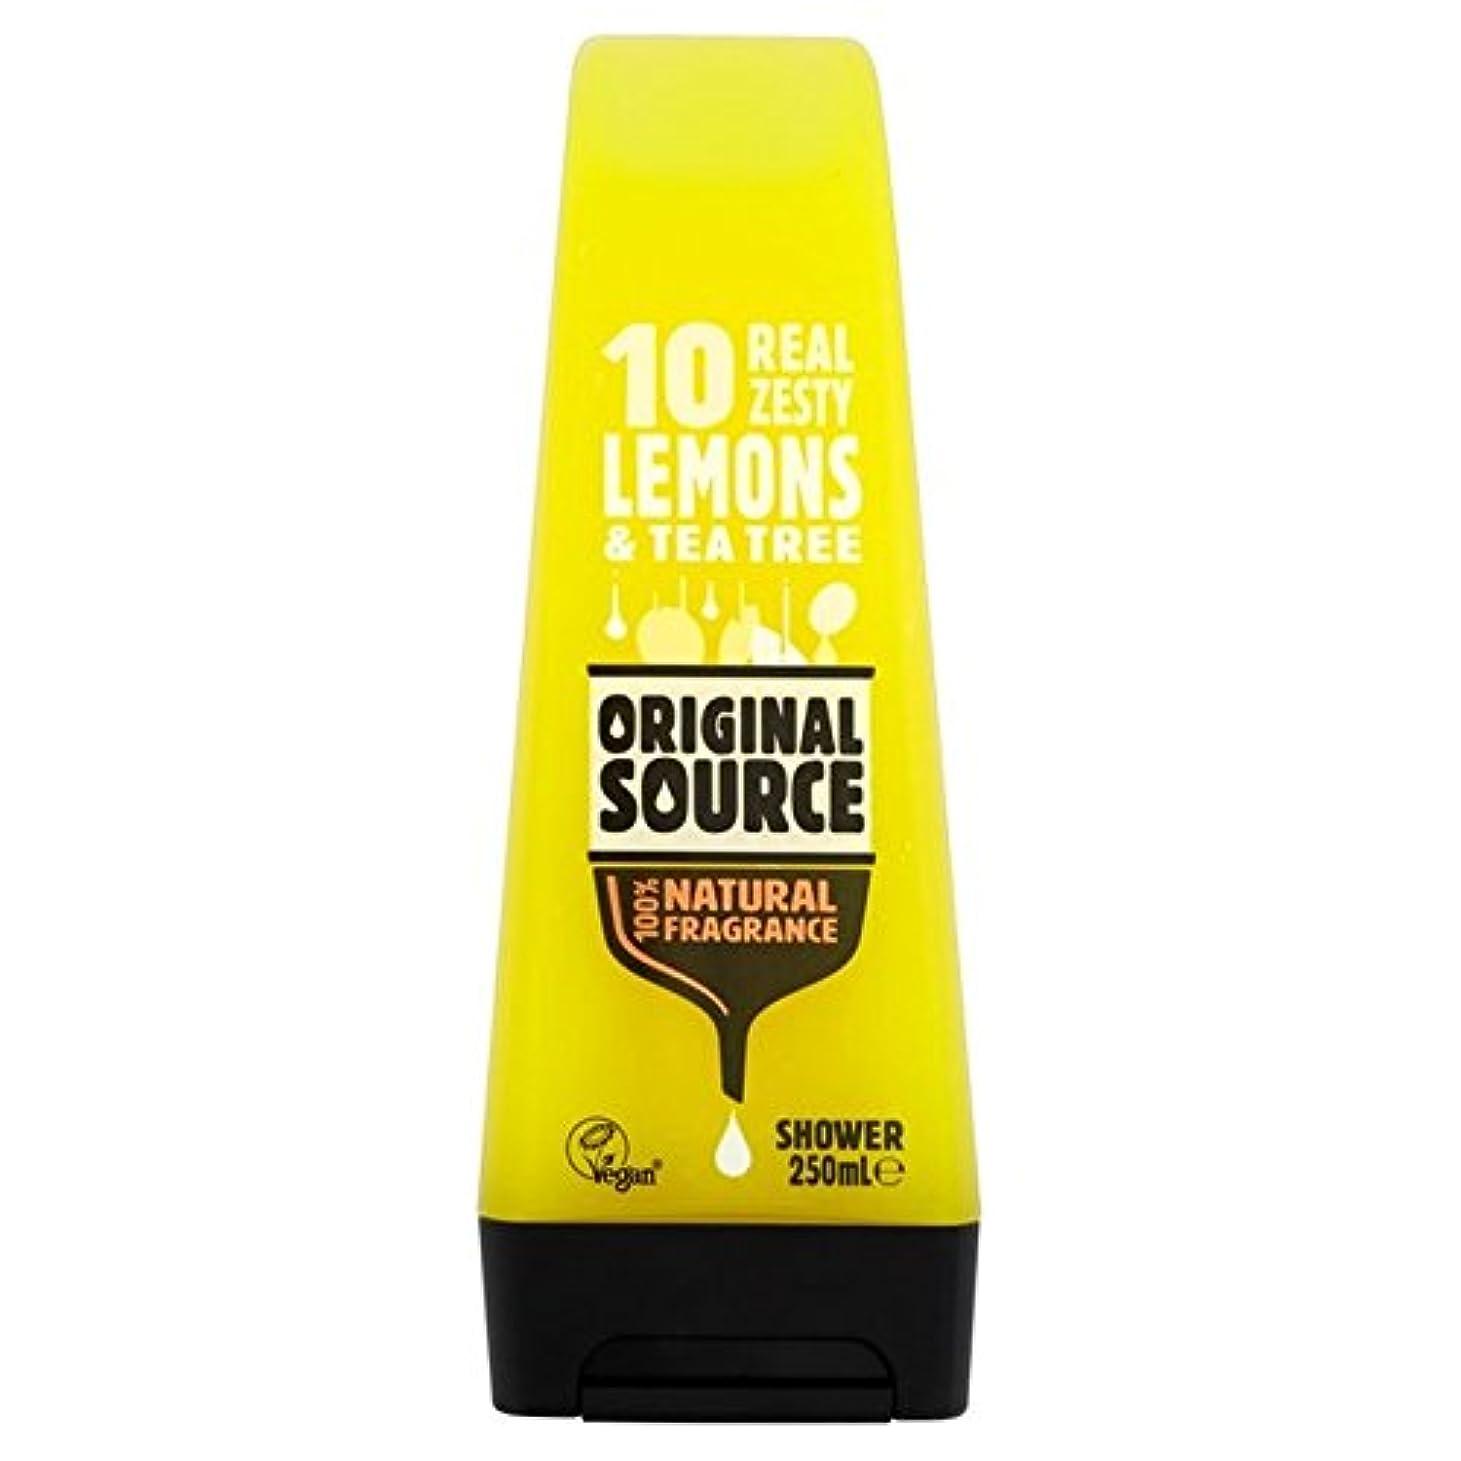 スポーツの試合を担当している人塩辛い何故なのOriginal Source Lemon Shower Gel 250ml (Pack of 6) - 元のソースのレモンシャワージェル250ミリリットル x6 [並行輸入品]